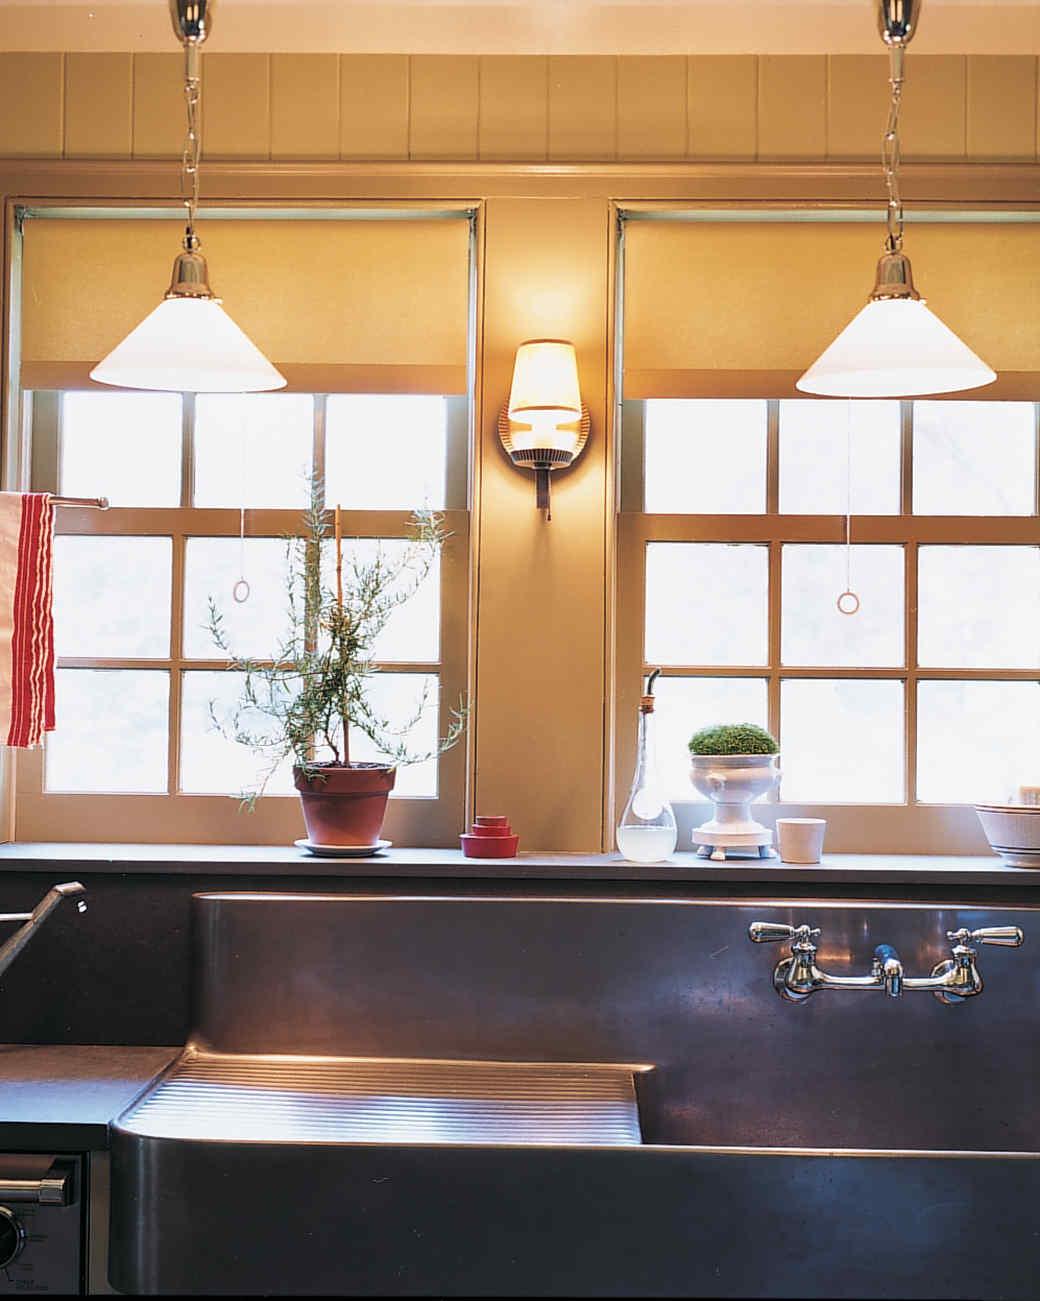 kitchen-redefined-11-d99500-0915.jpg